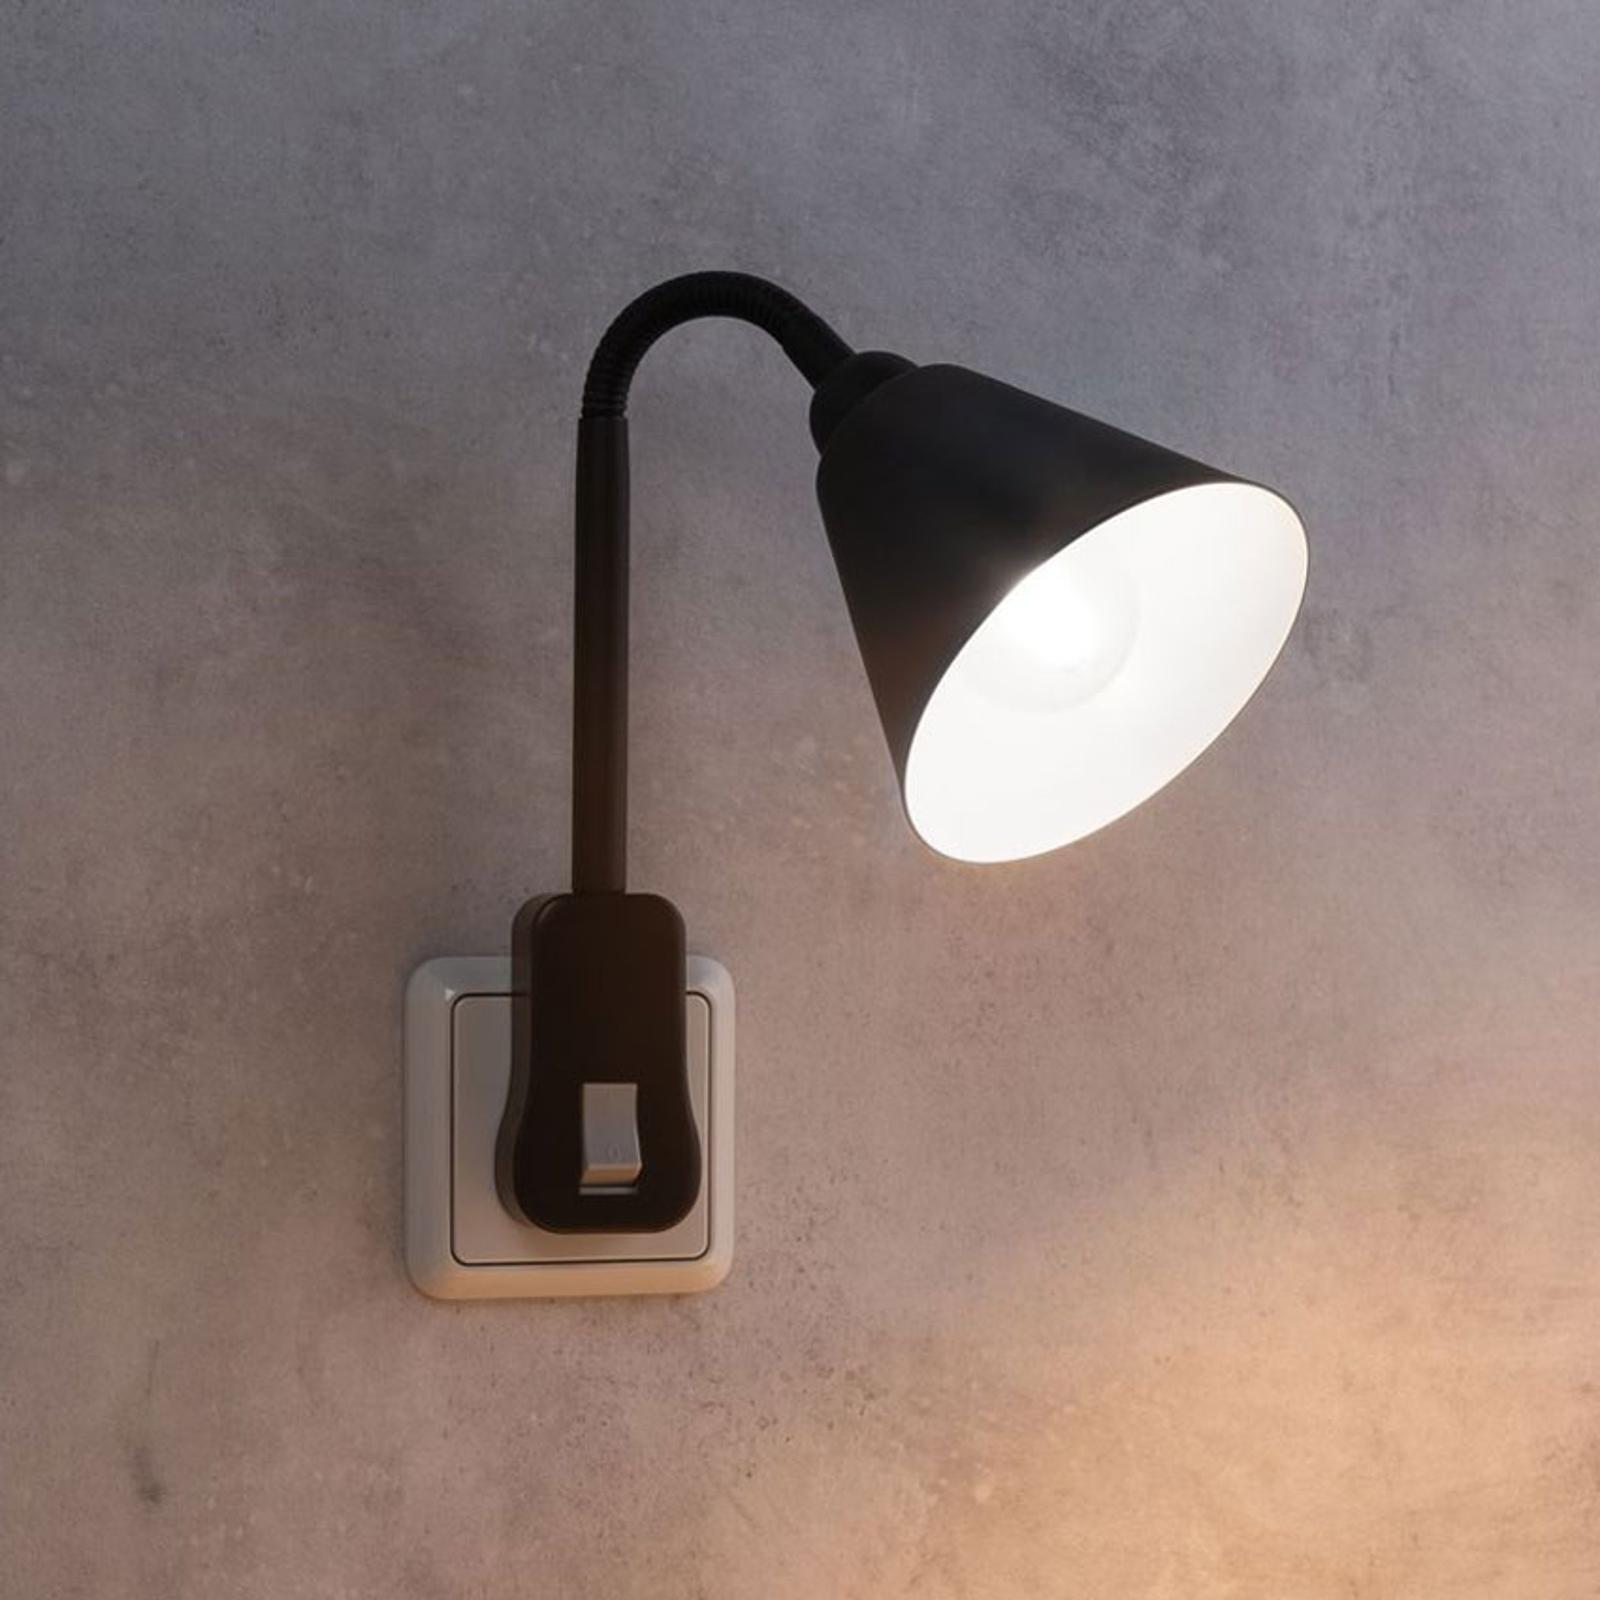 Paulmann Junus lampe sur prise bras flexible, noir